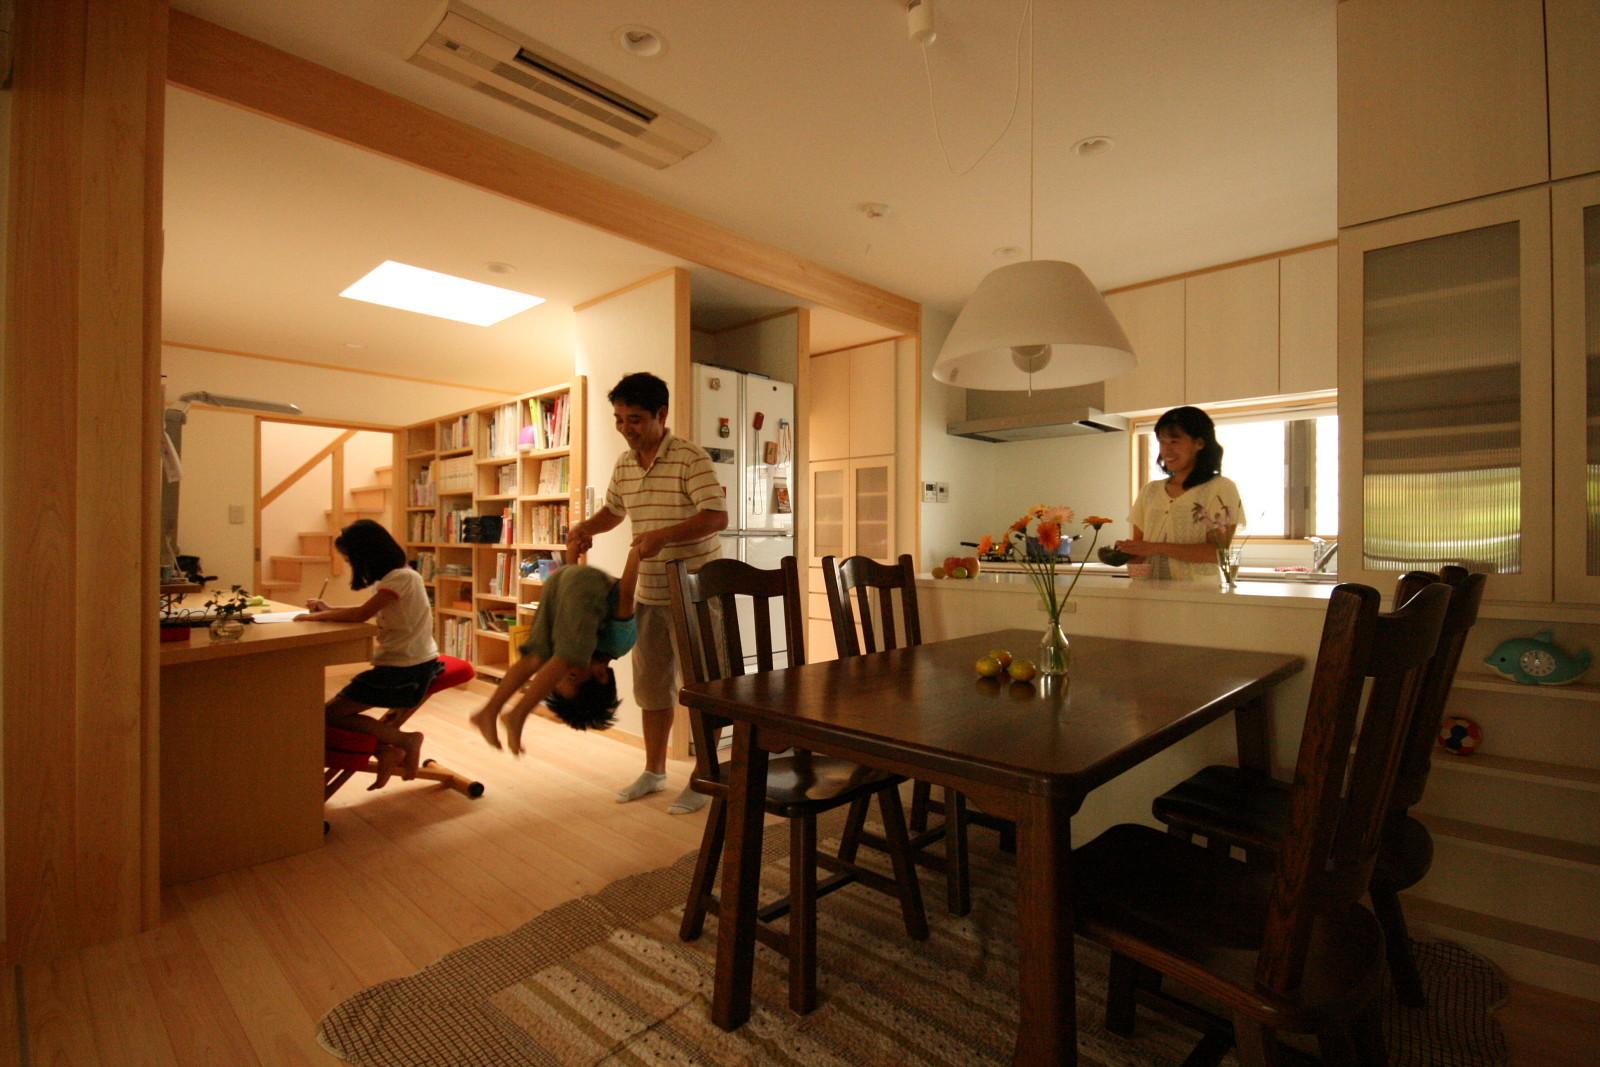 増築しながら改造 茶町の家の建築事例写真